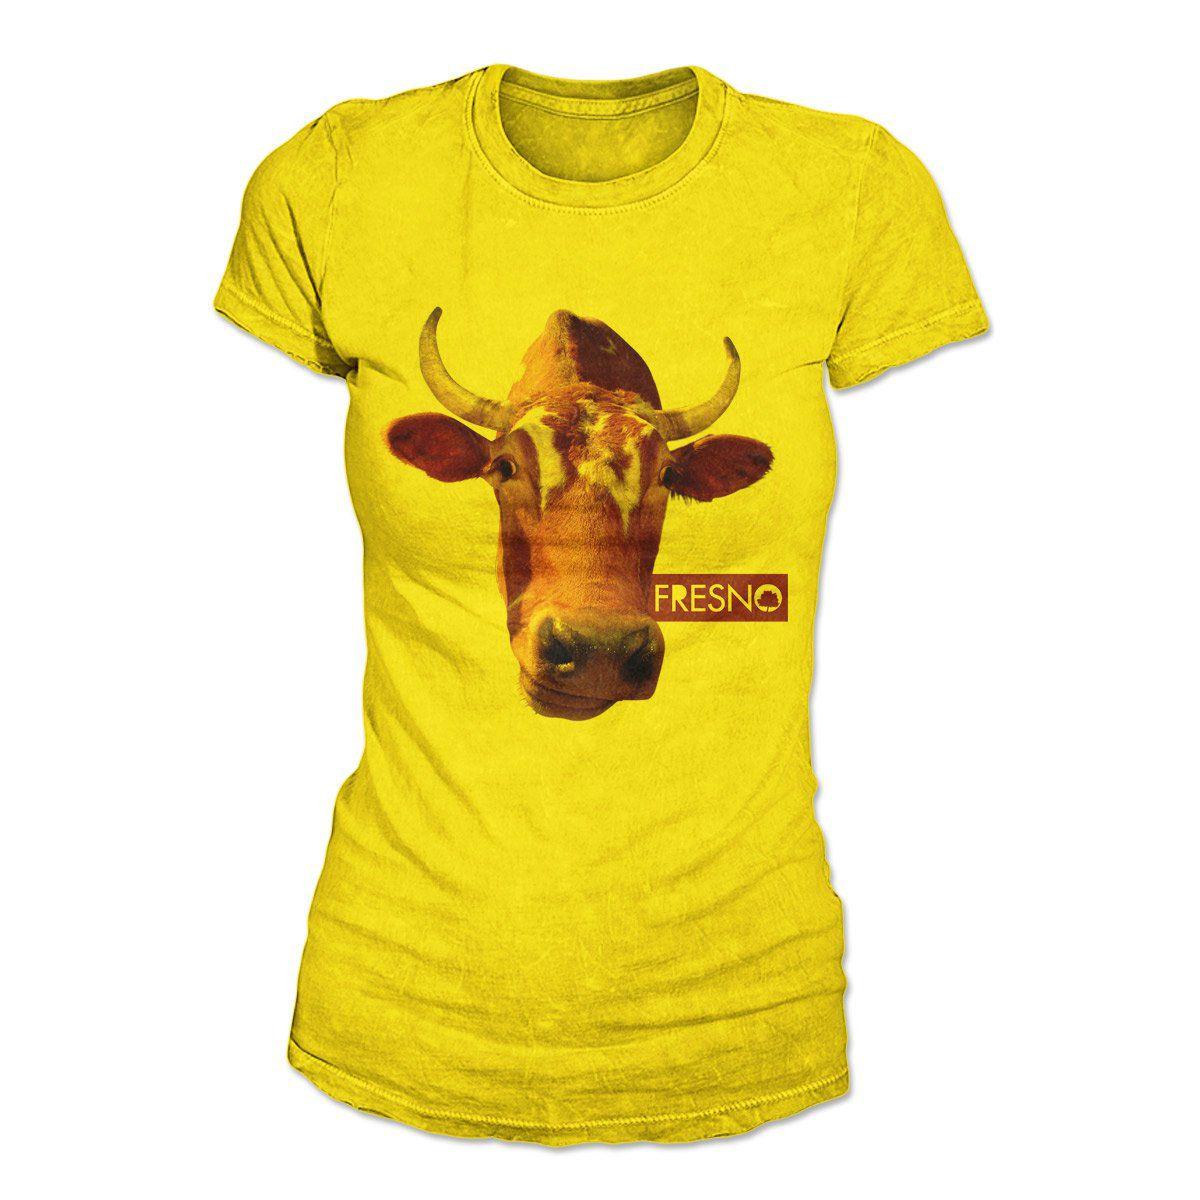 Camiseta Feminina Fresno - Boas Intenções